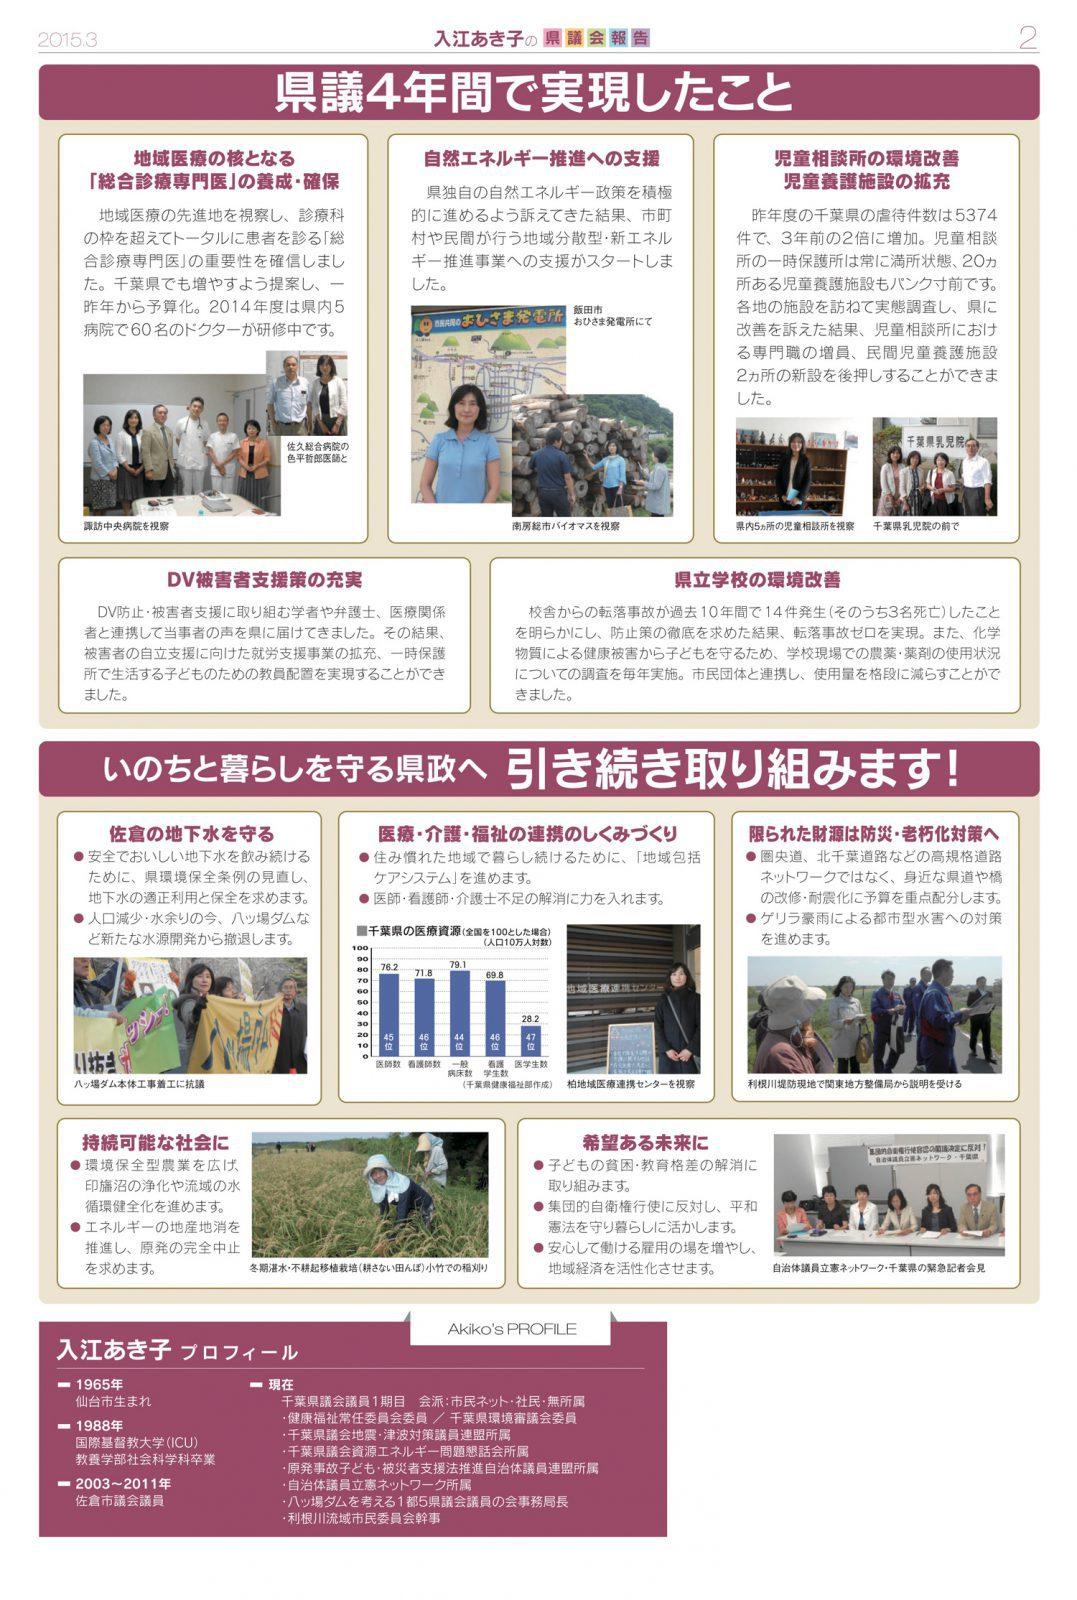 入江あき子の県議会報告 2015年3月発行